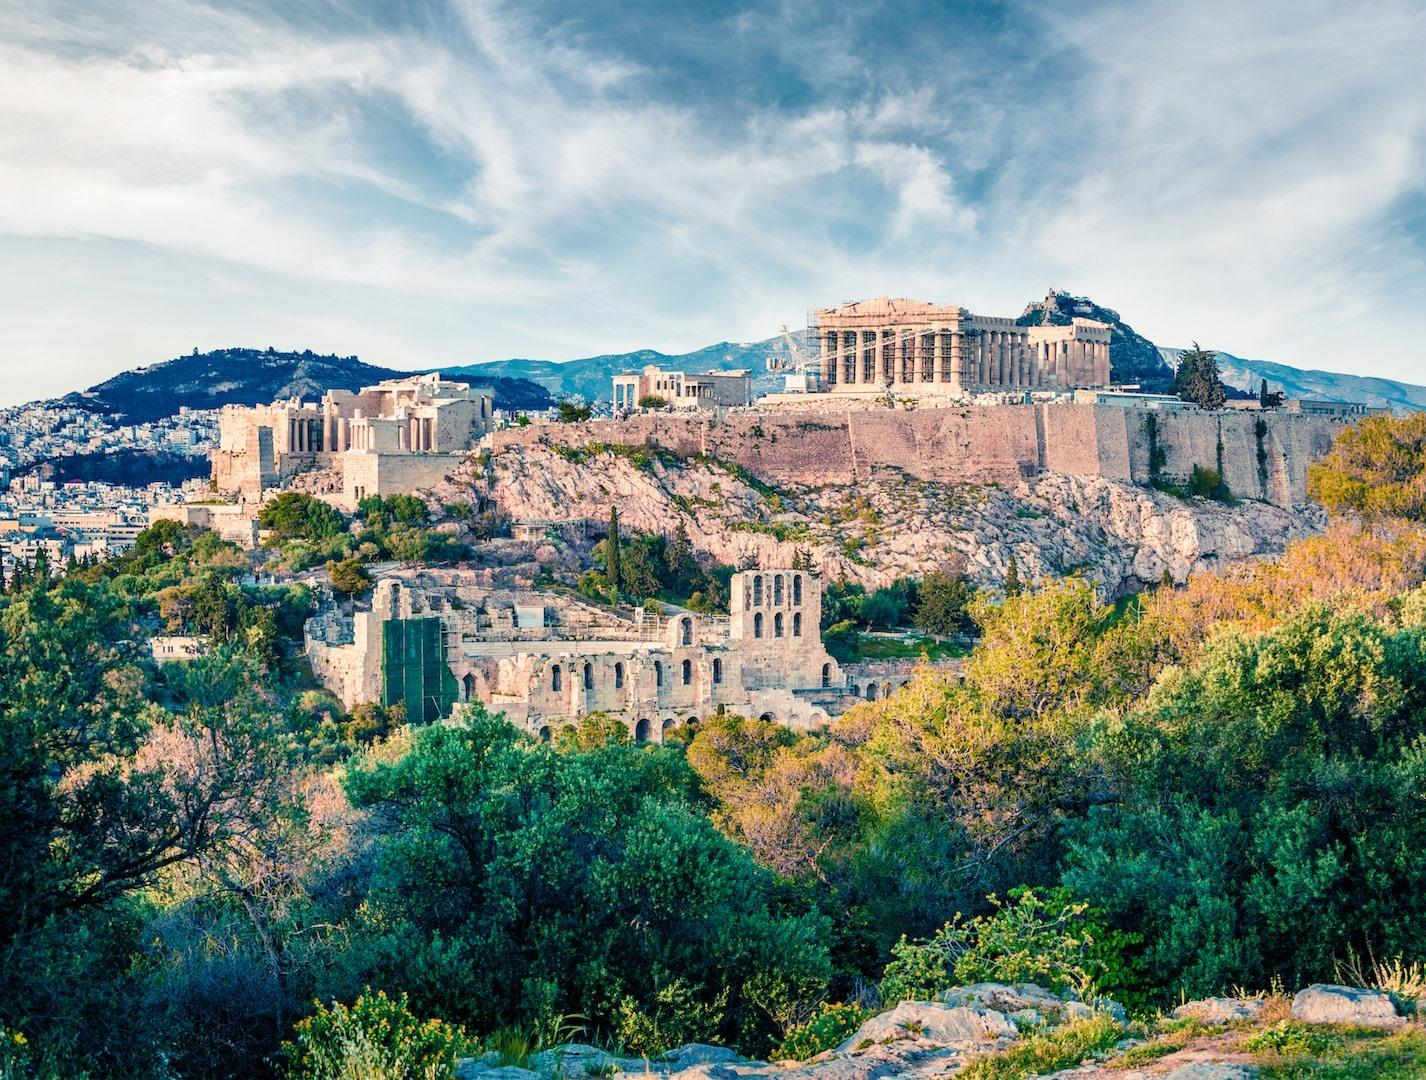 De Akropolis in Athene bezoeken? Tips, info + tickets kopen